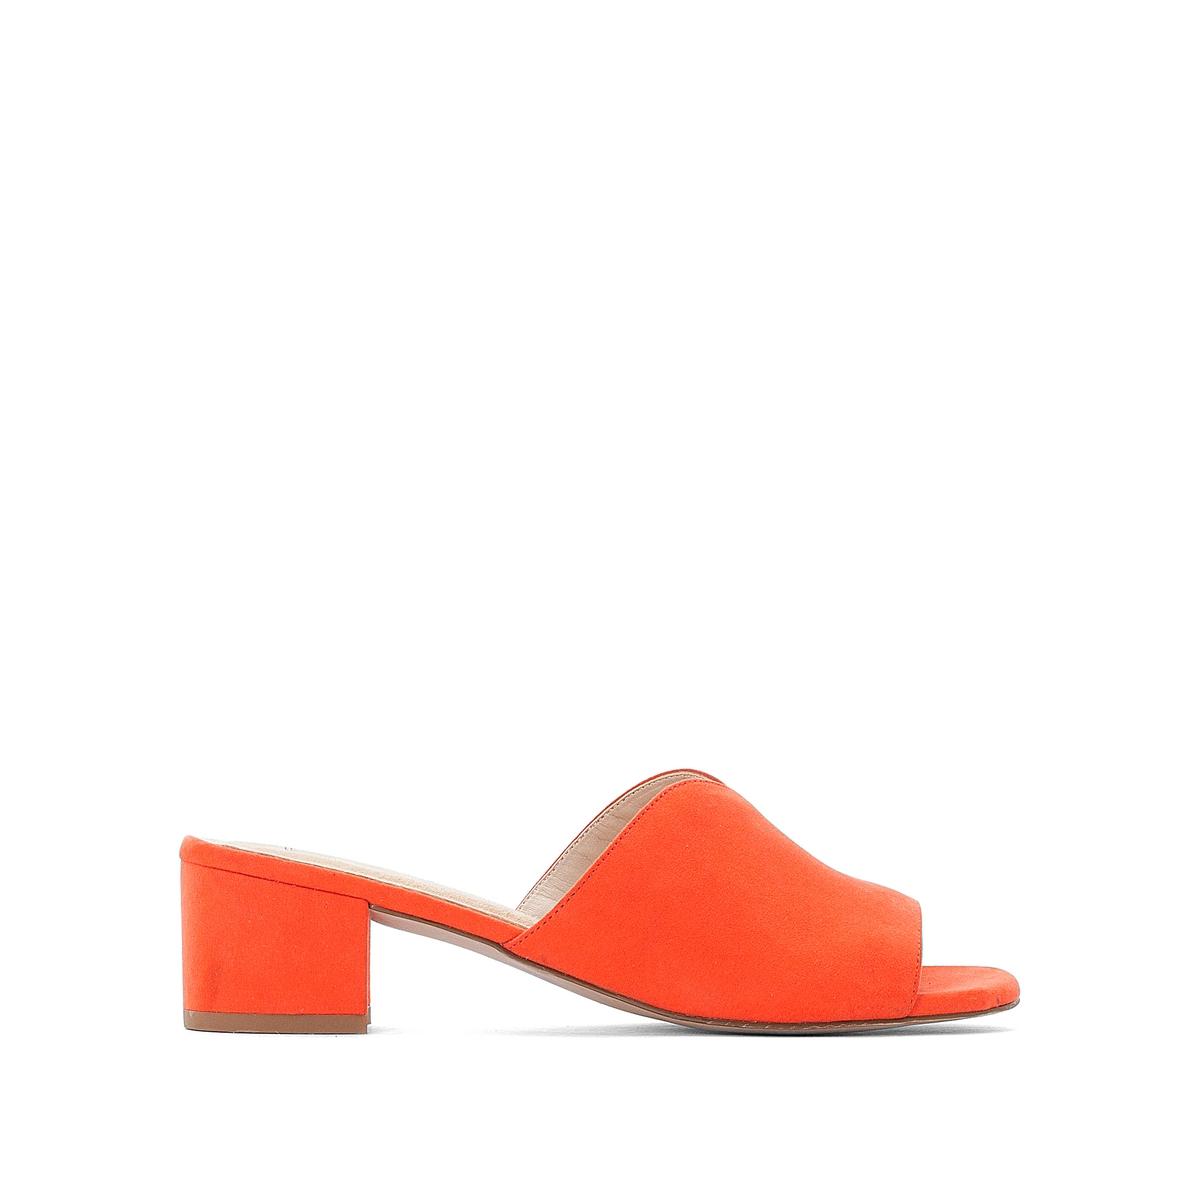 Туфли без задника из ткани на каблуке